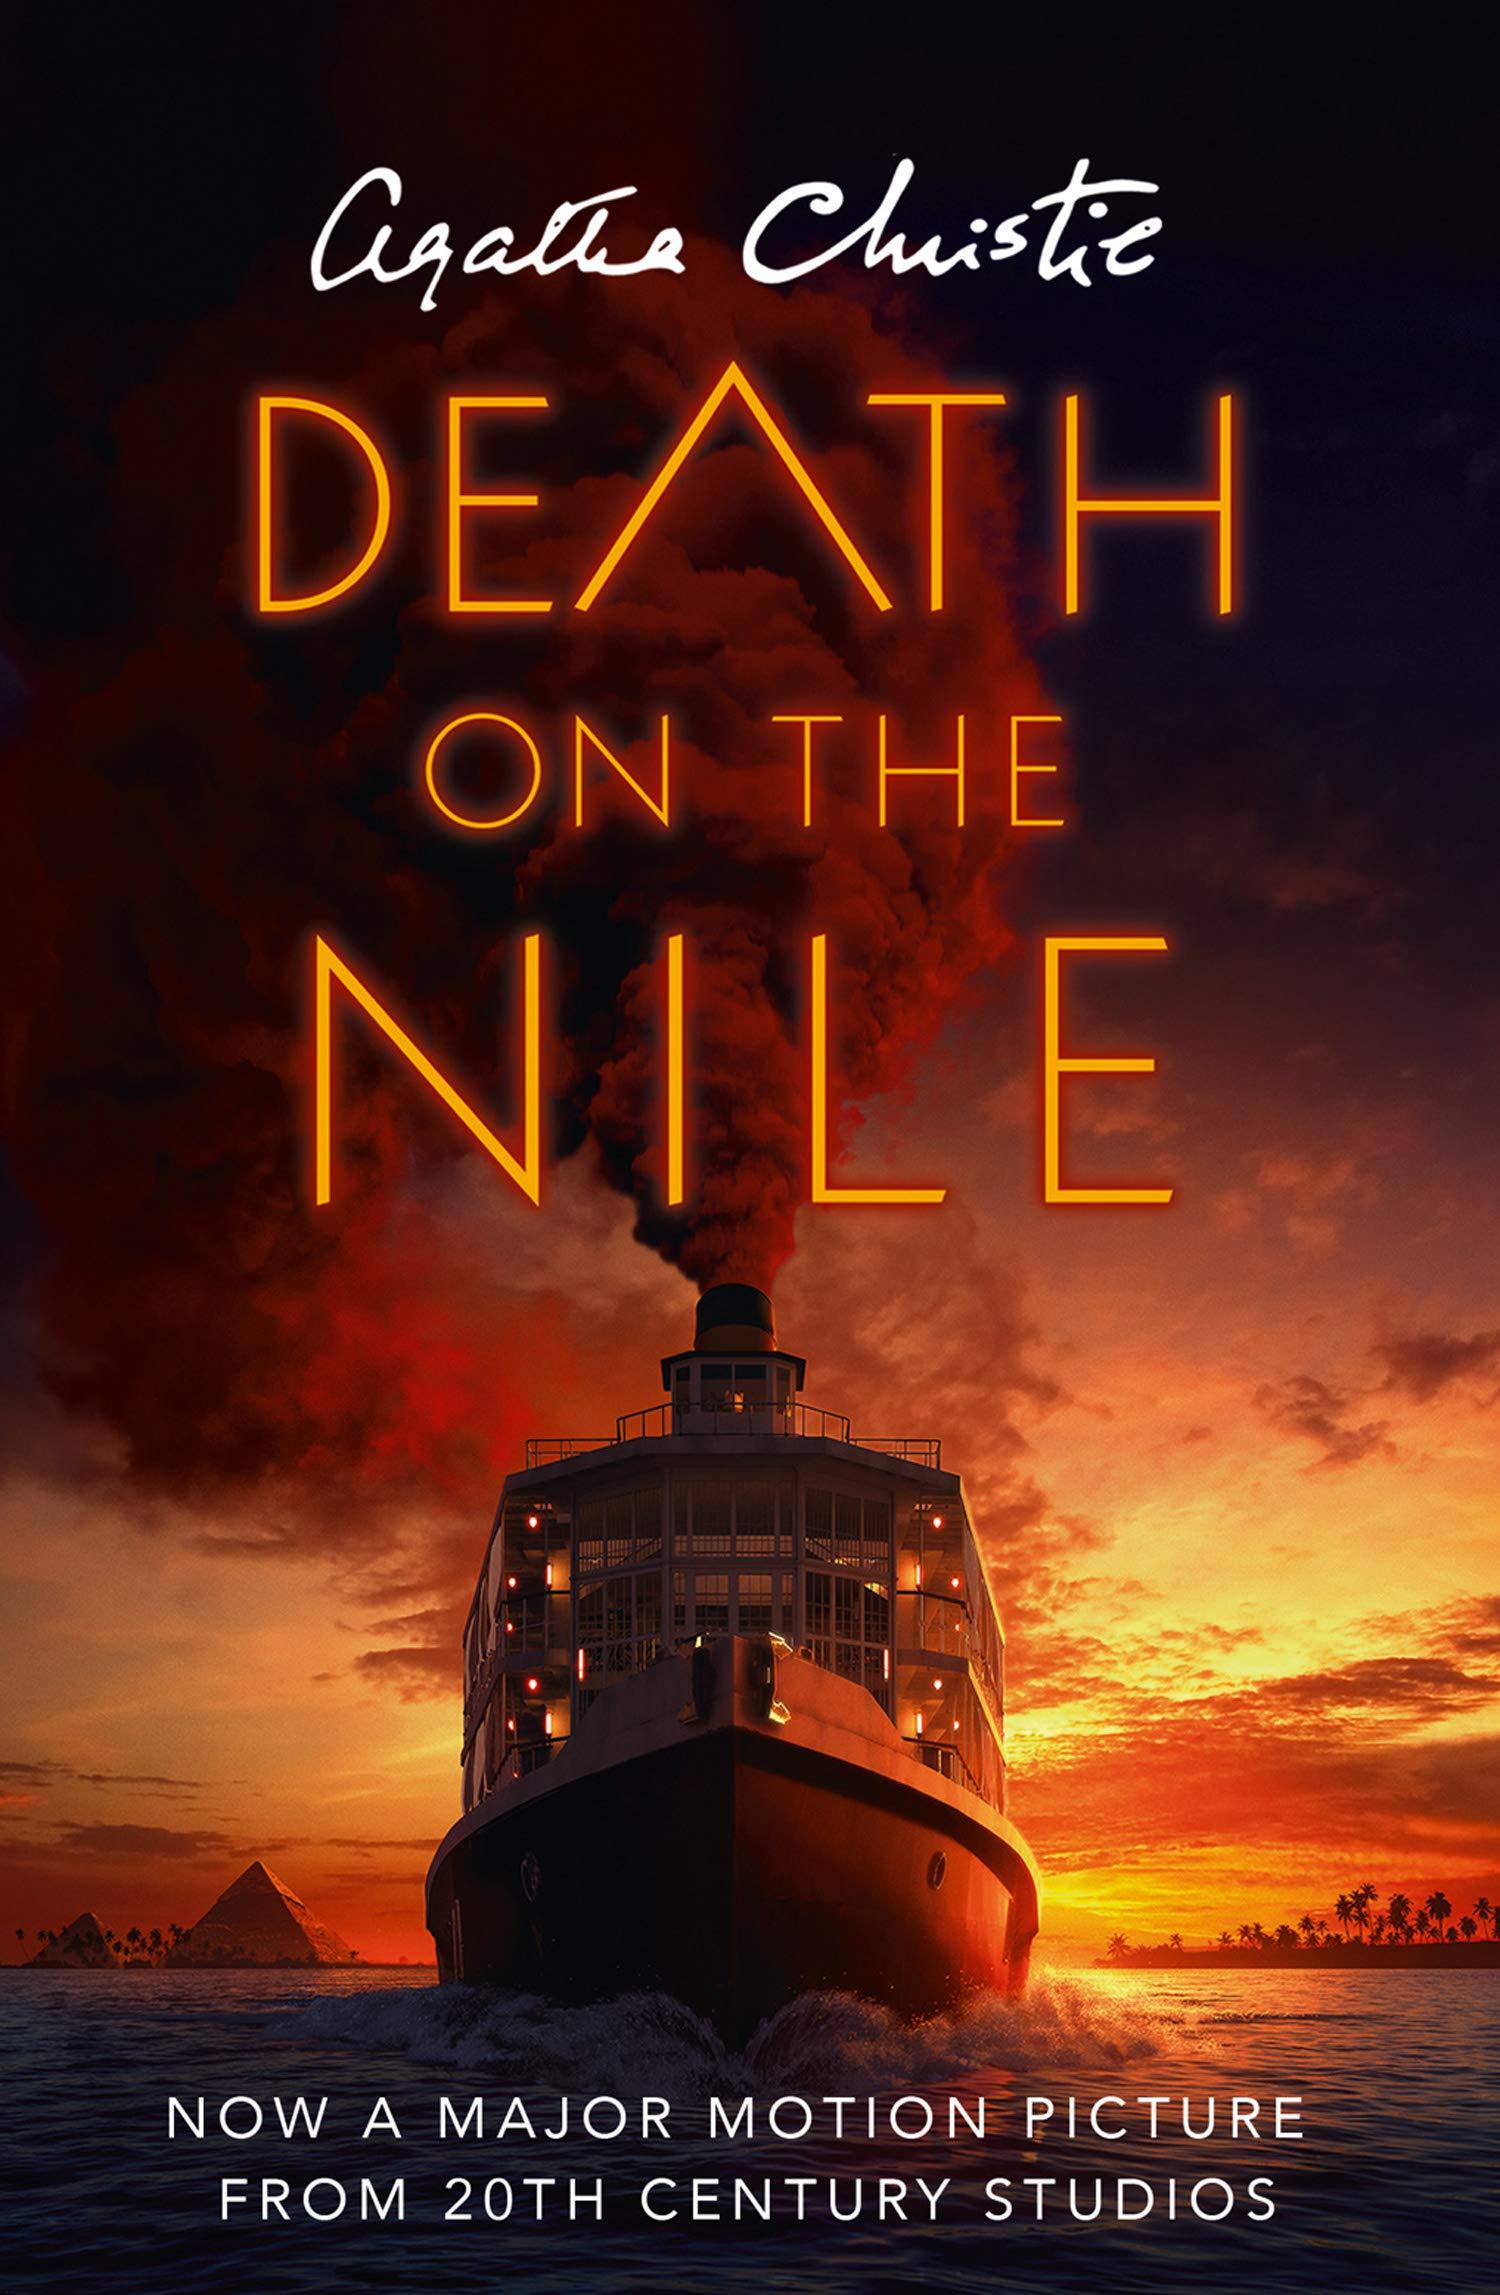 Download Filme Morte no Nilo Torrent 2021 Qualidade Hd